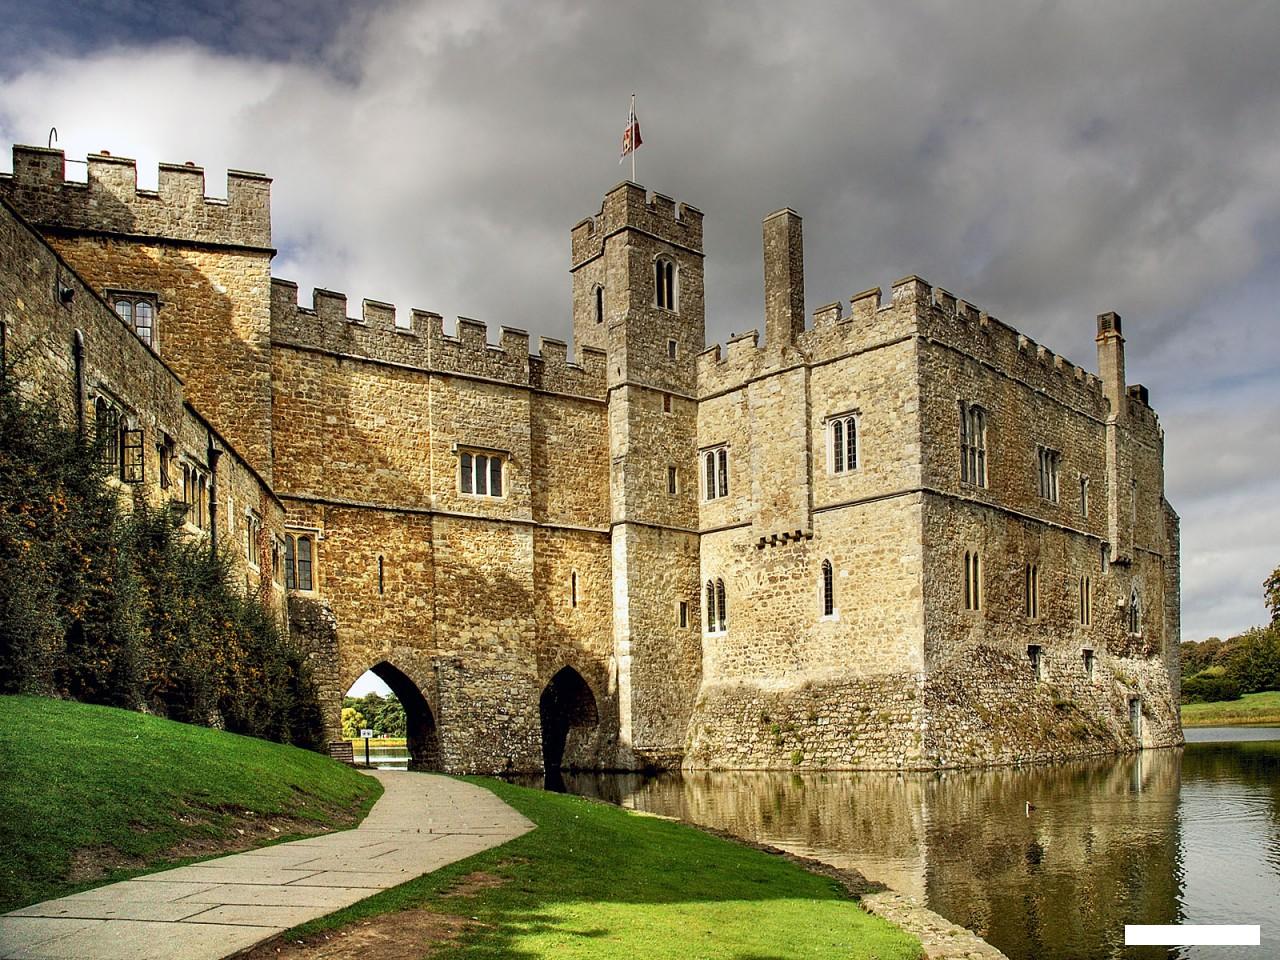 все фото красивых старинных английских замков было самое